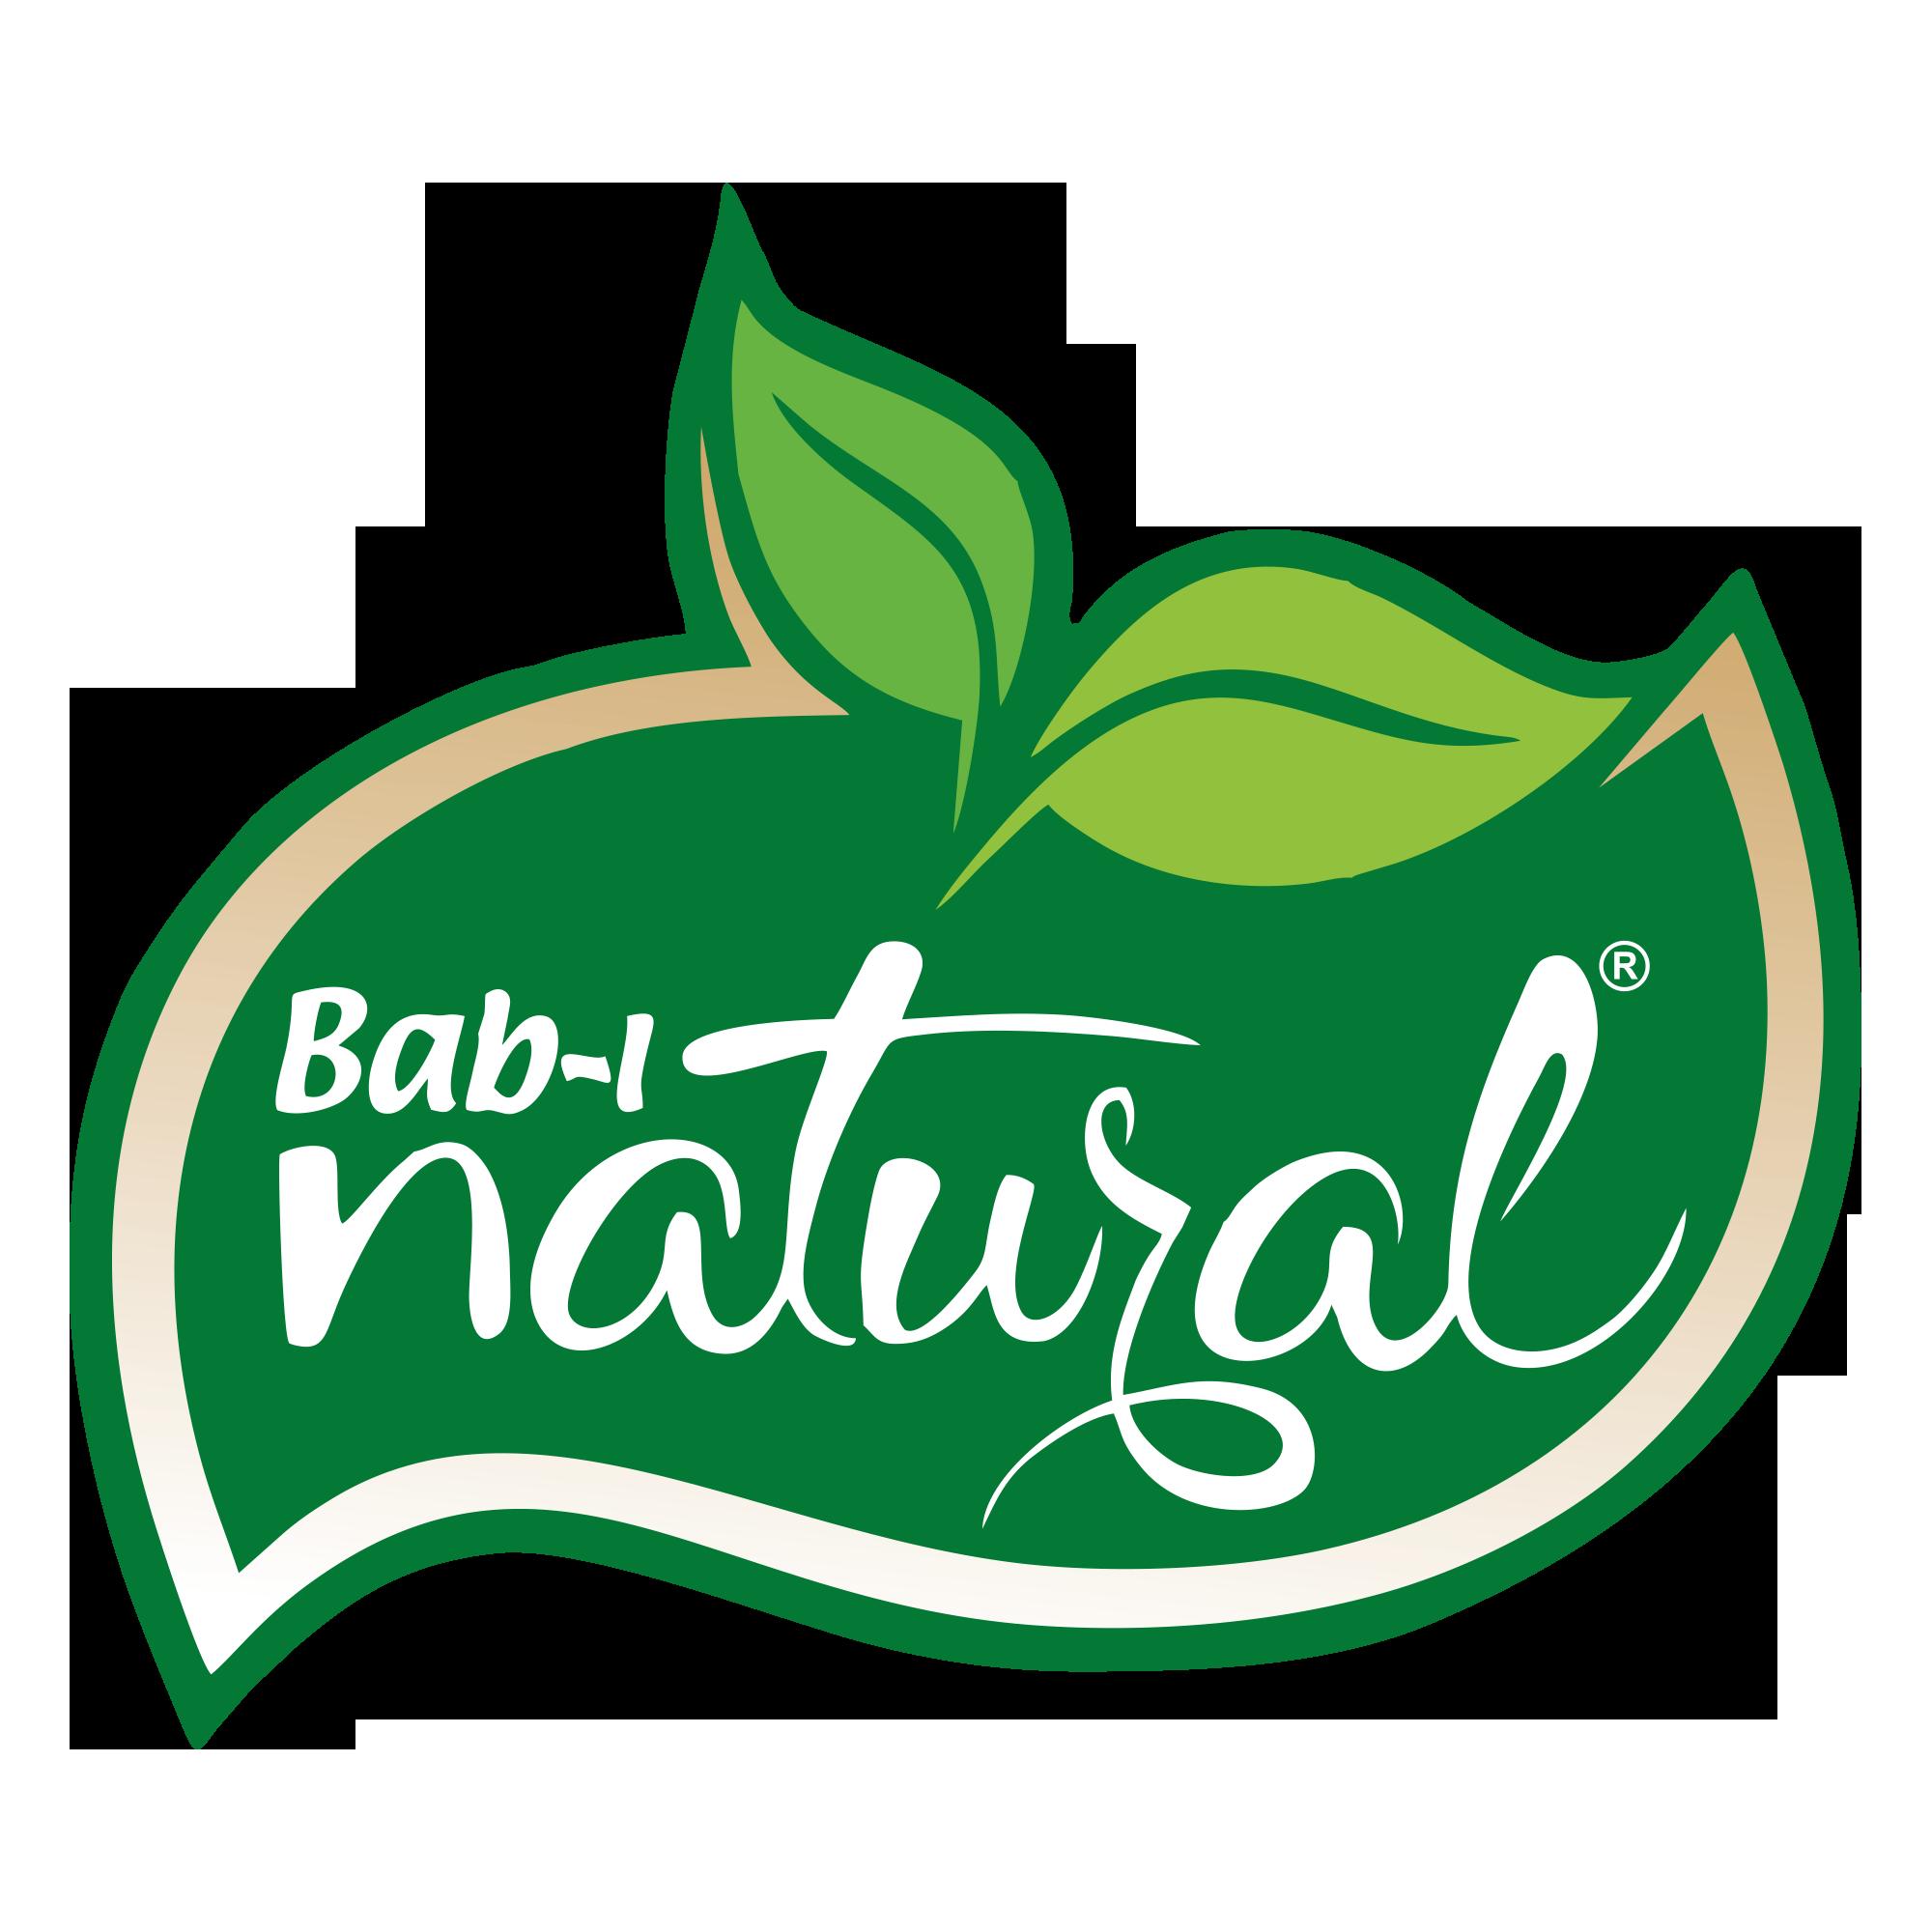 BÂB-I NATURAL